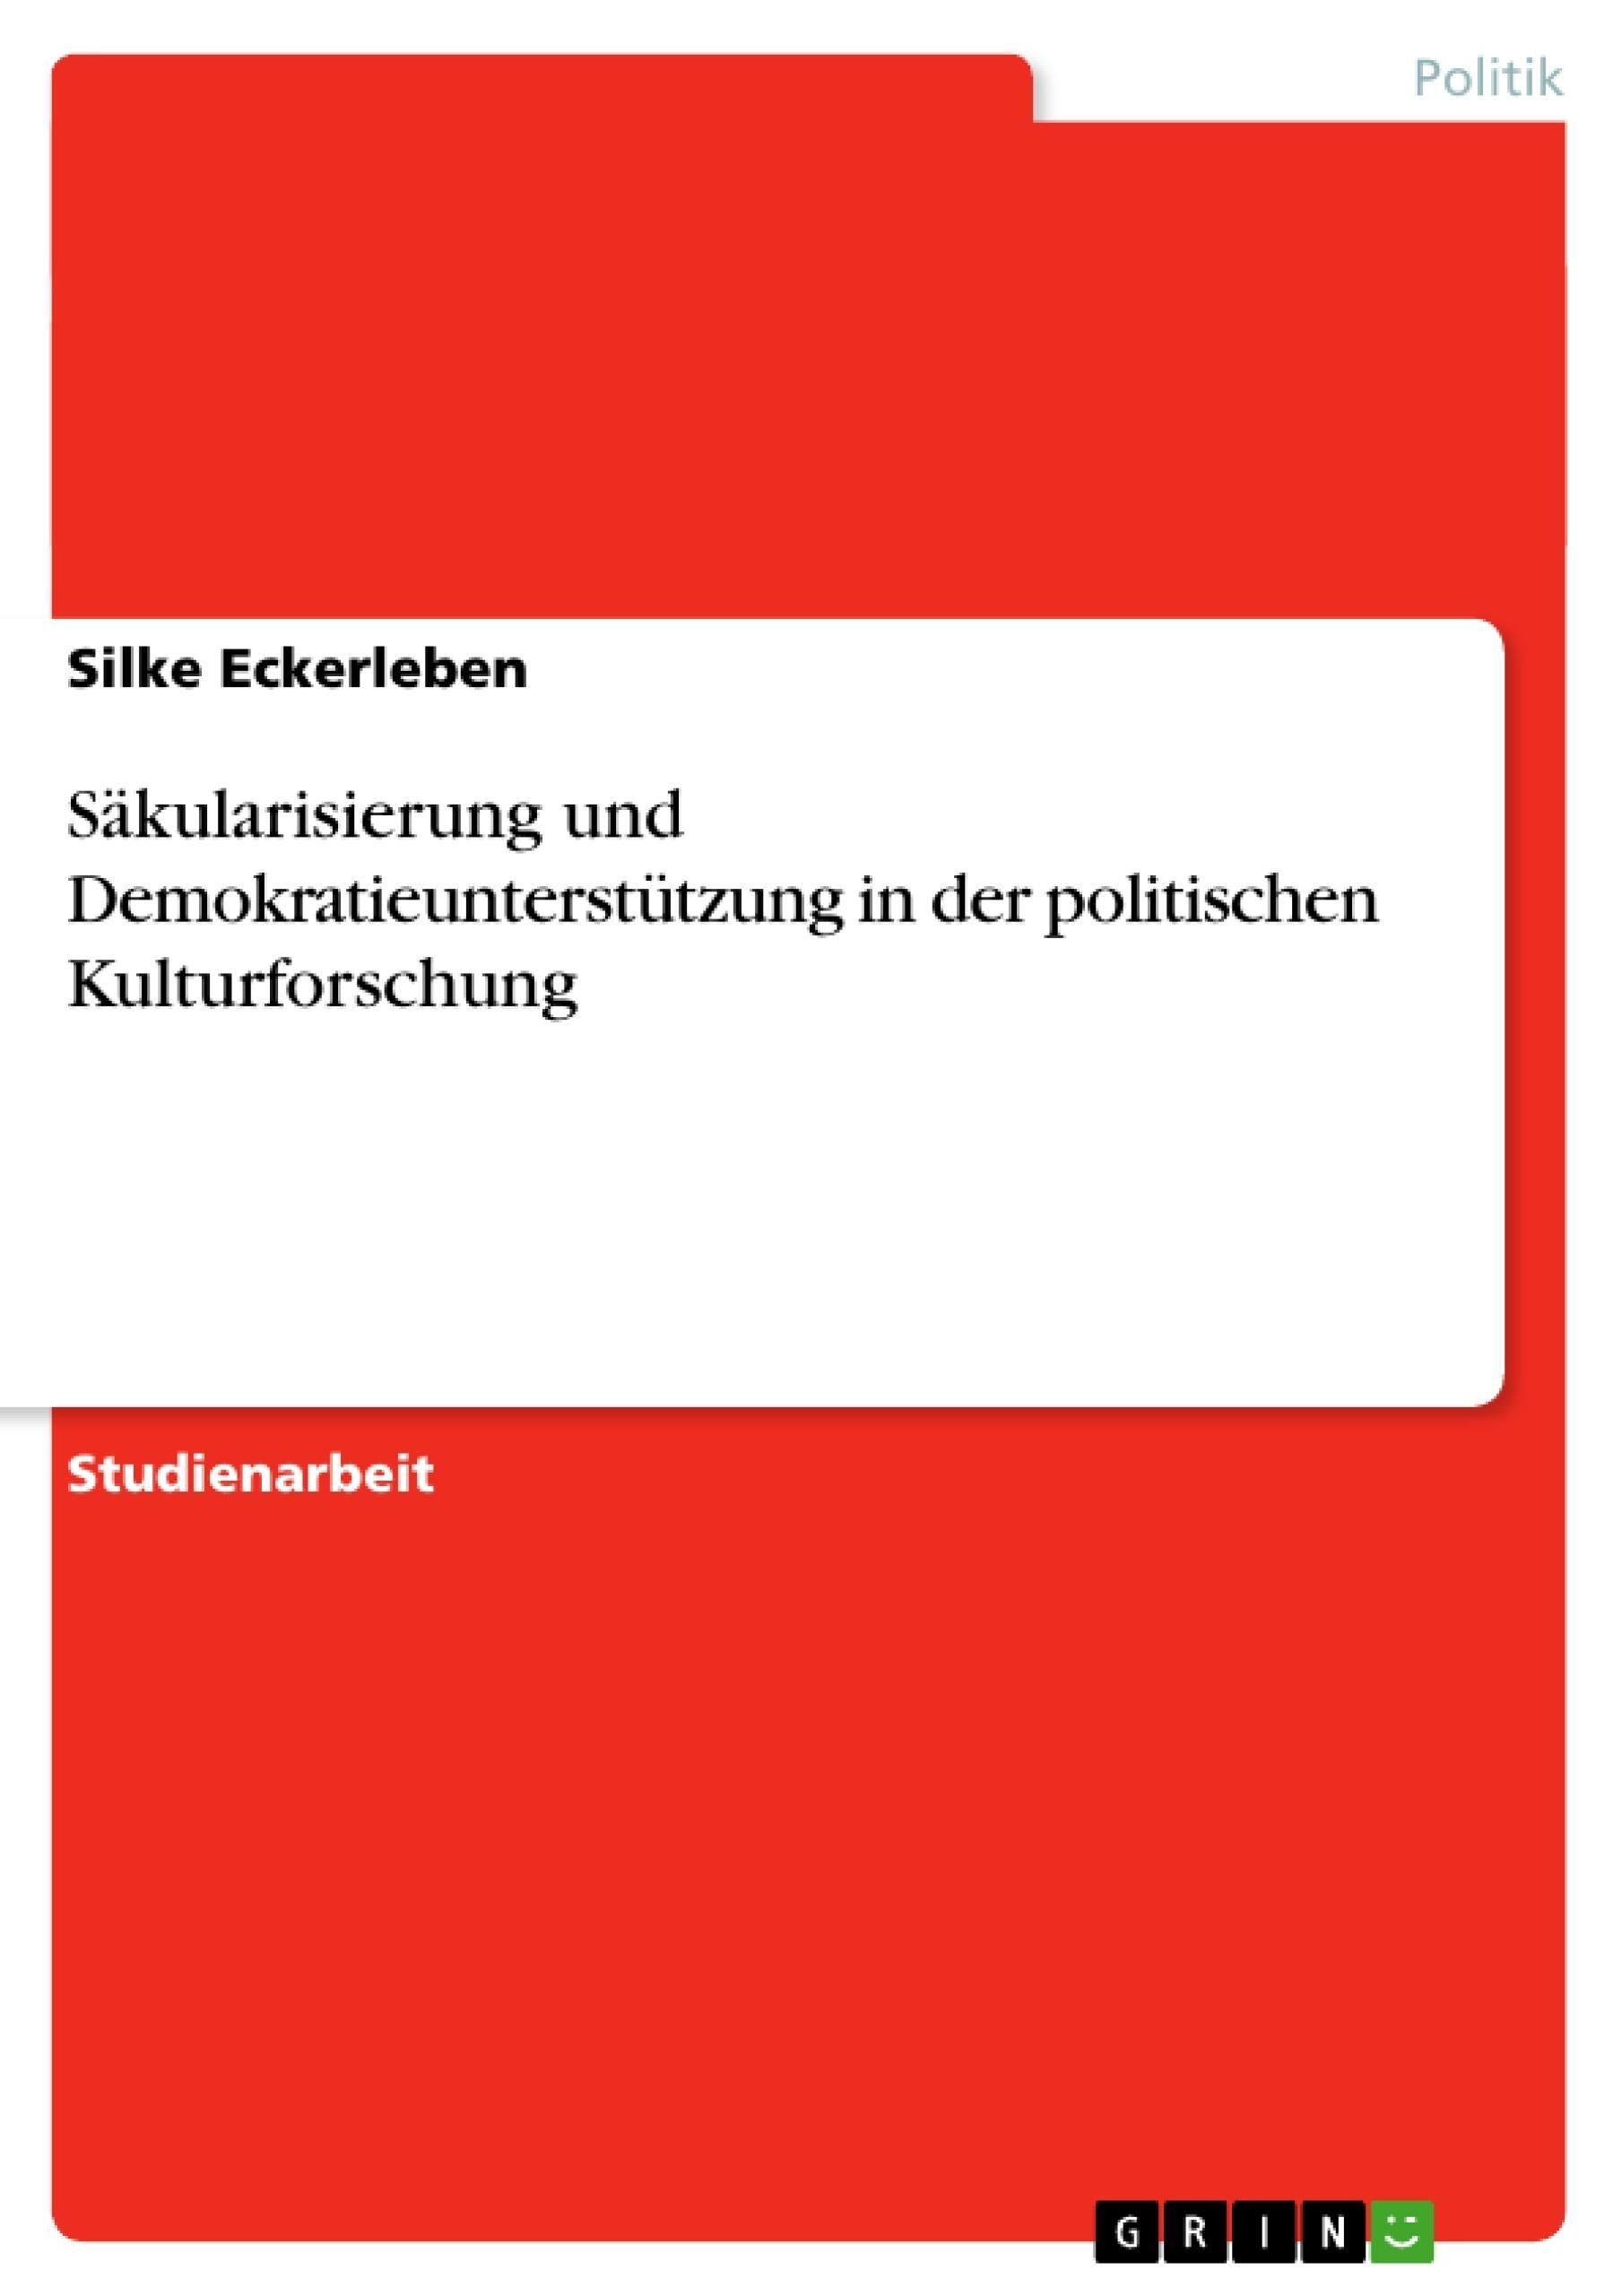 Titel: Säkularisierung und Demokratieunterstützung in der politischen Kulturforschung